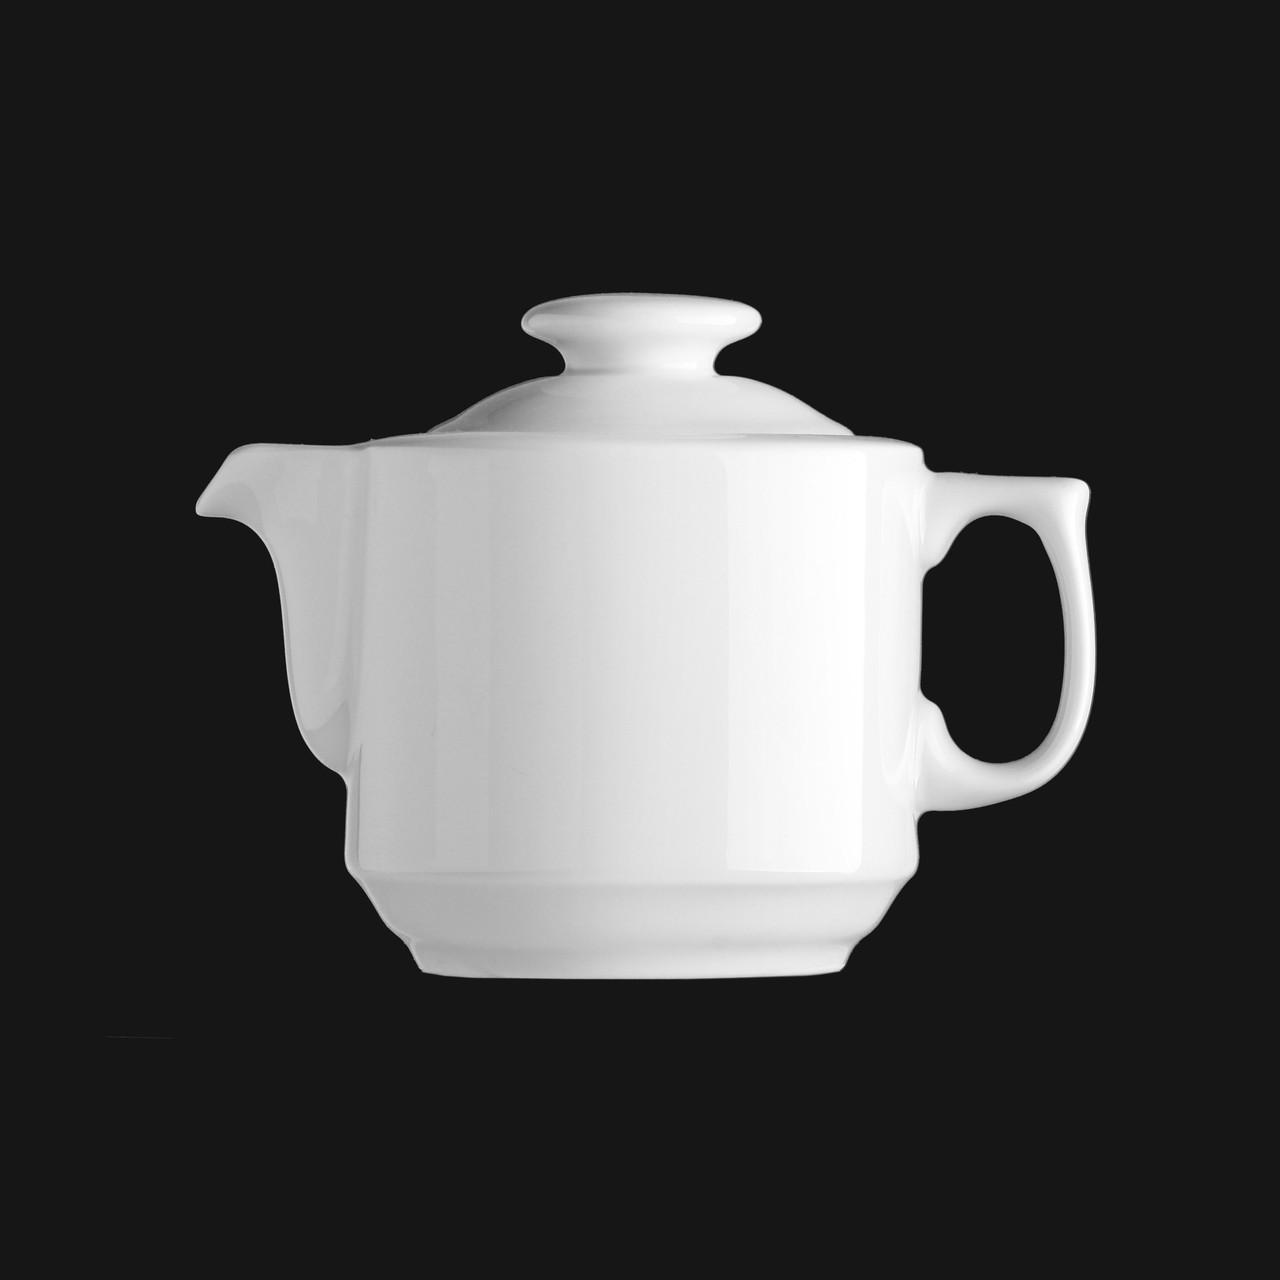 Чайник без крышки G. Benedikt серия Praha 300 мл, Чехия